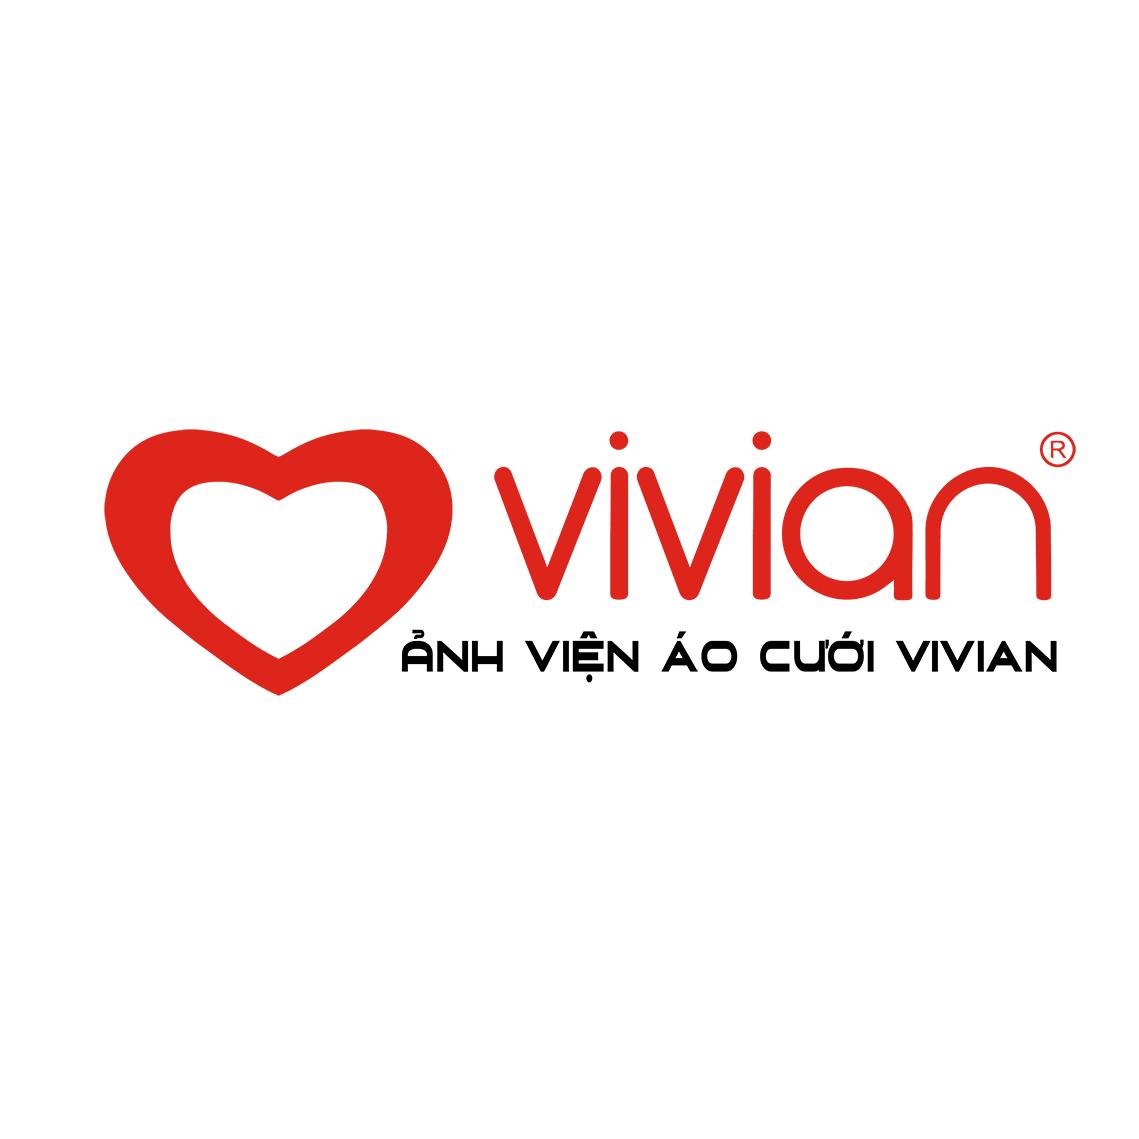 Ảnh viện áo cưới Vivian